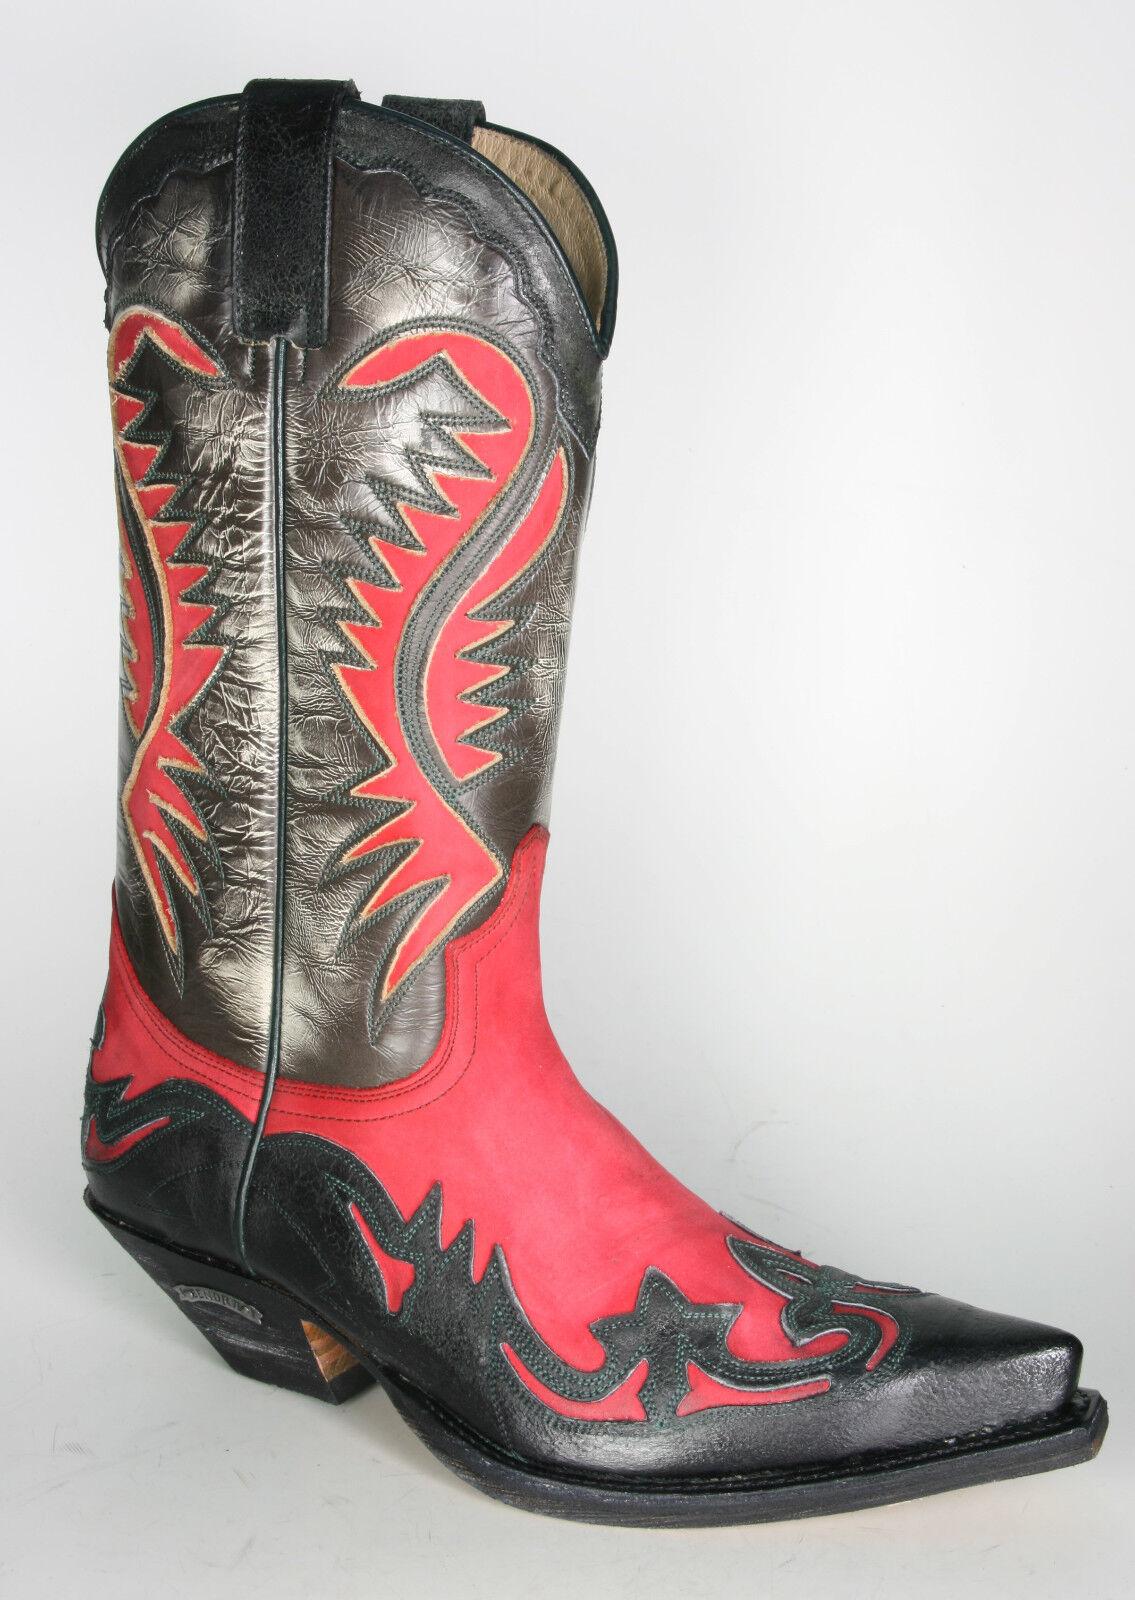 6480 Sendra Cowboystiefel Barbados Negro N. Rojo